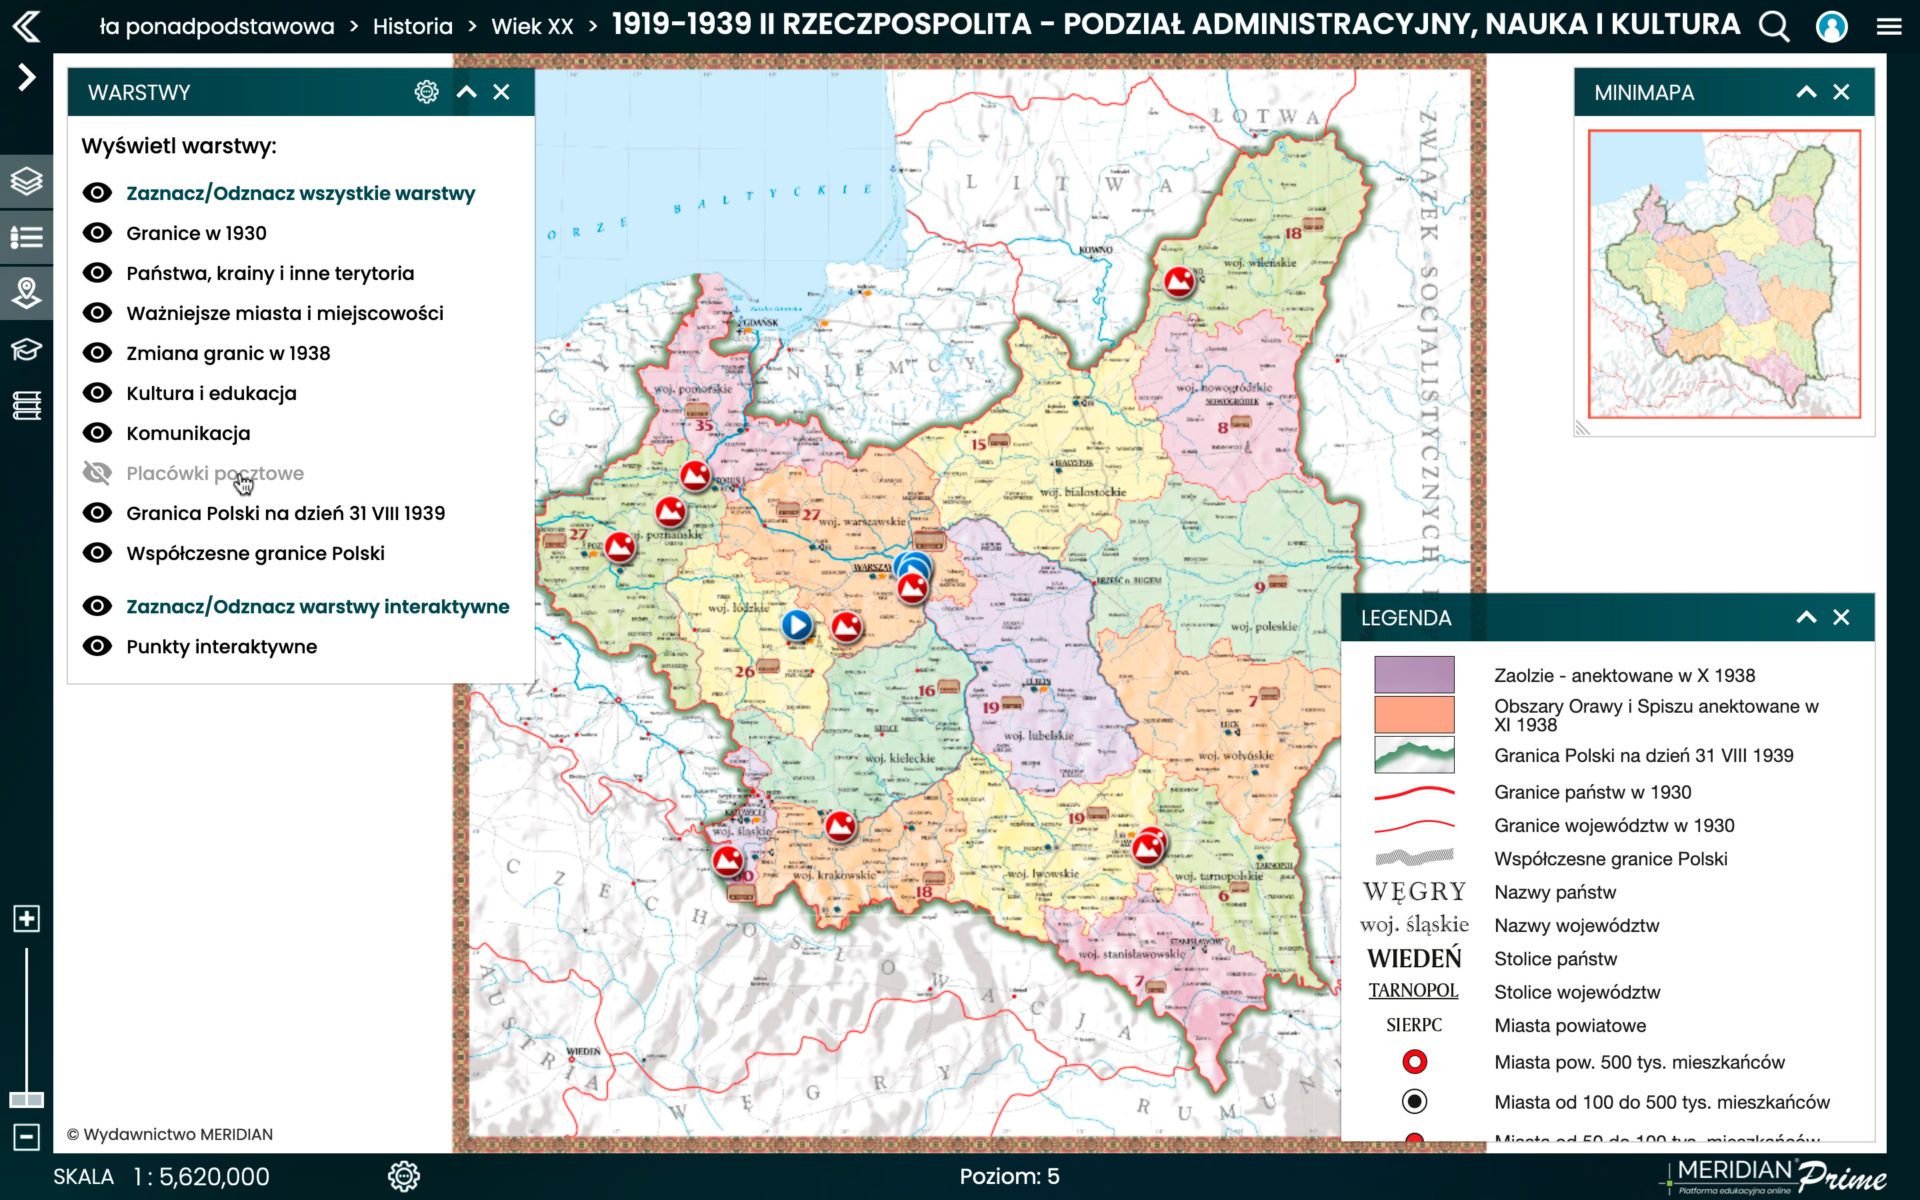 1919-1939 II Rzeczpospolita - podział administracyjny, nauka i kultura